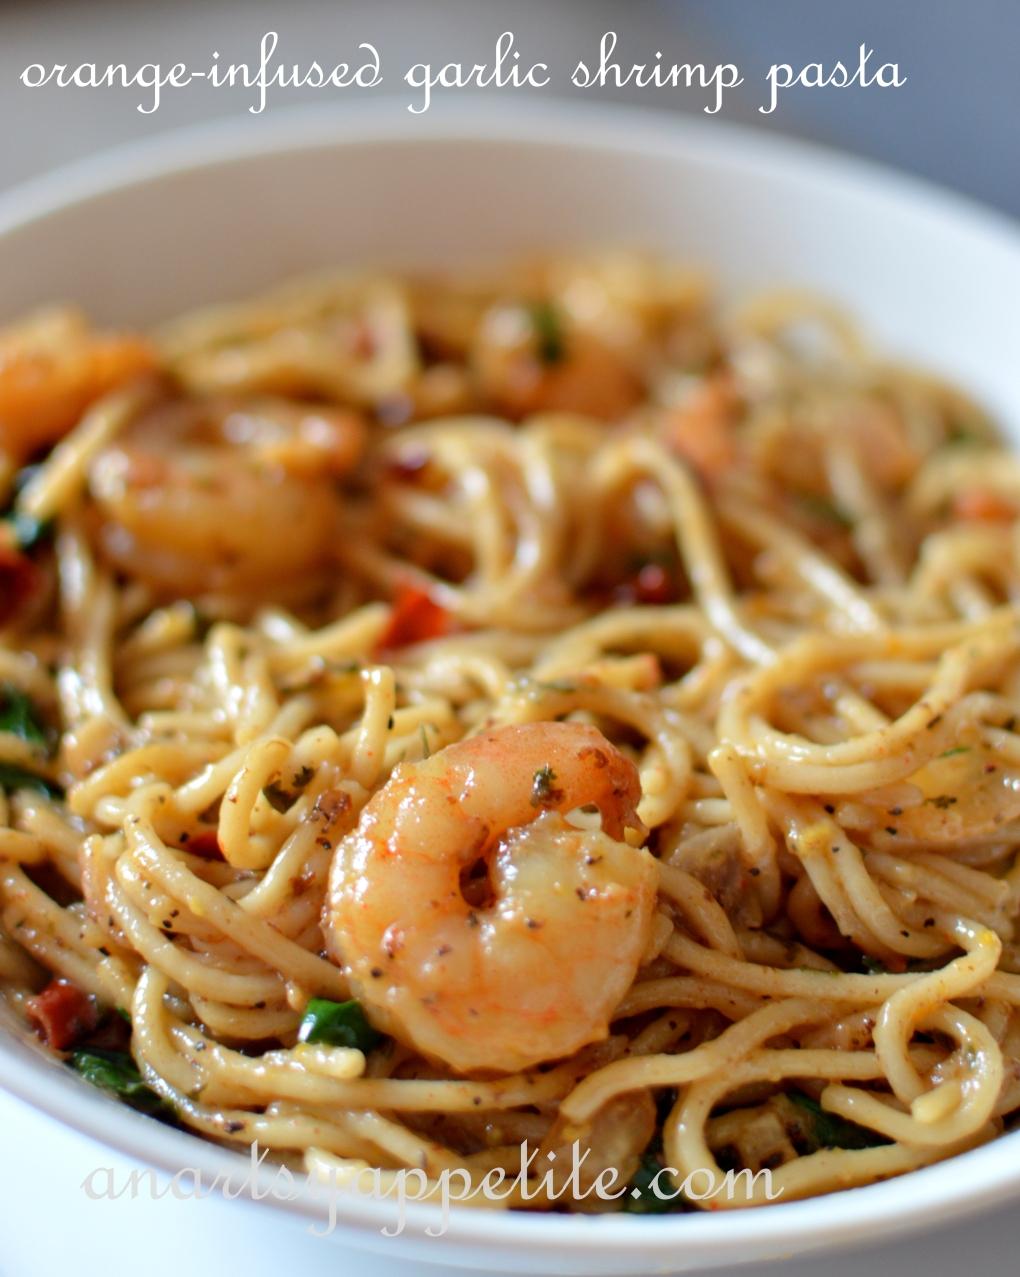 Easy gluten free orange-infused garlic lemon shrimp pasta recipe, simple pasta dinner recipe, no-cheese lemon garlic shrimp pasta recipe